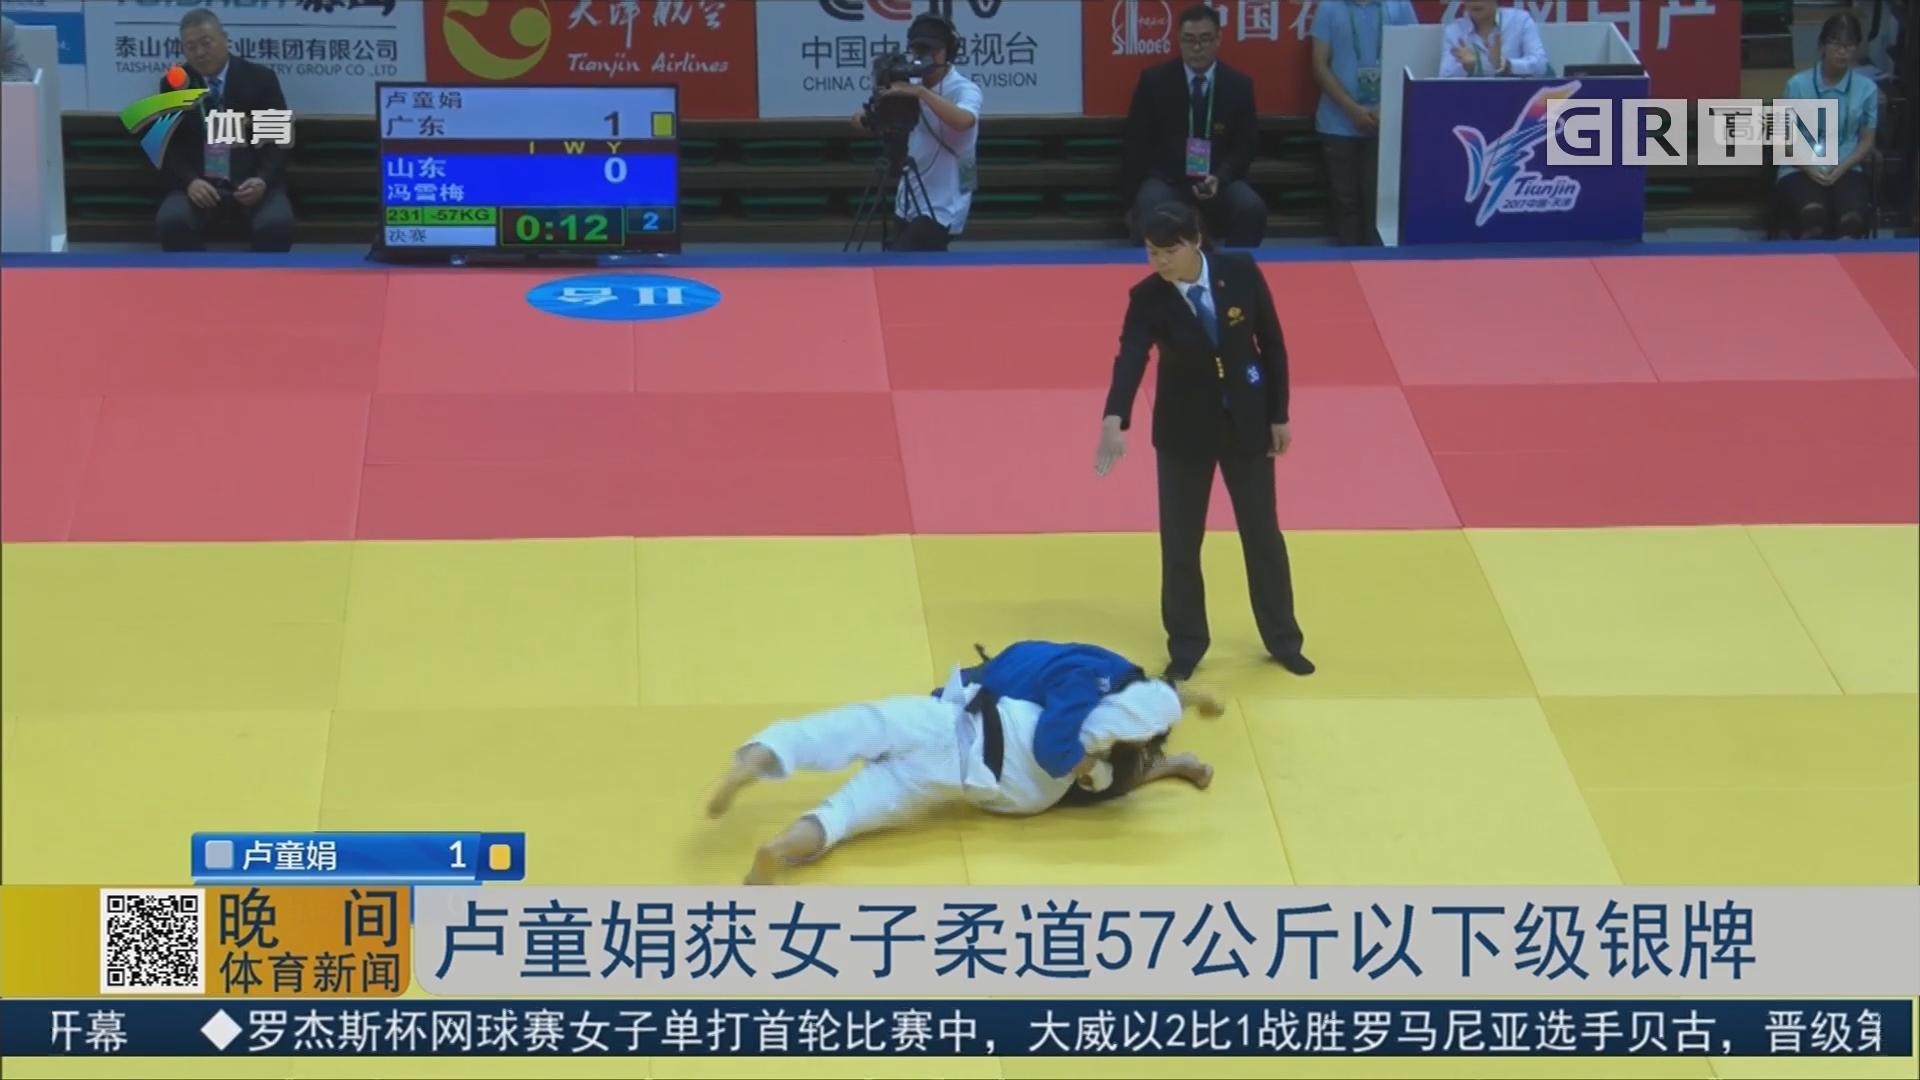 卢童娟获女子柔道57公斤以下级银牌